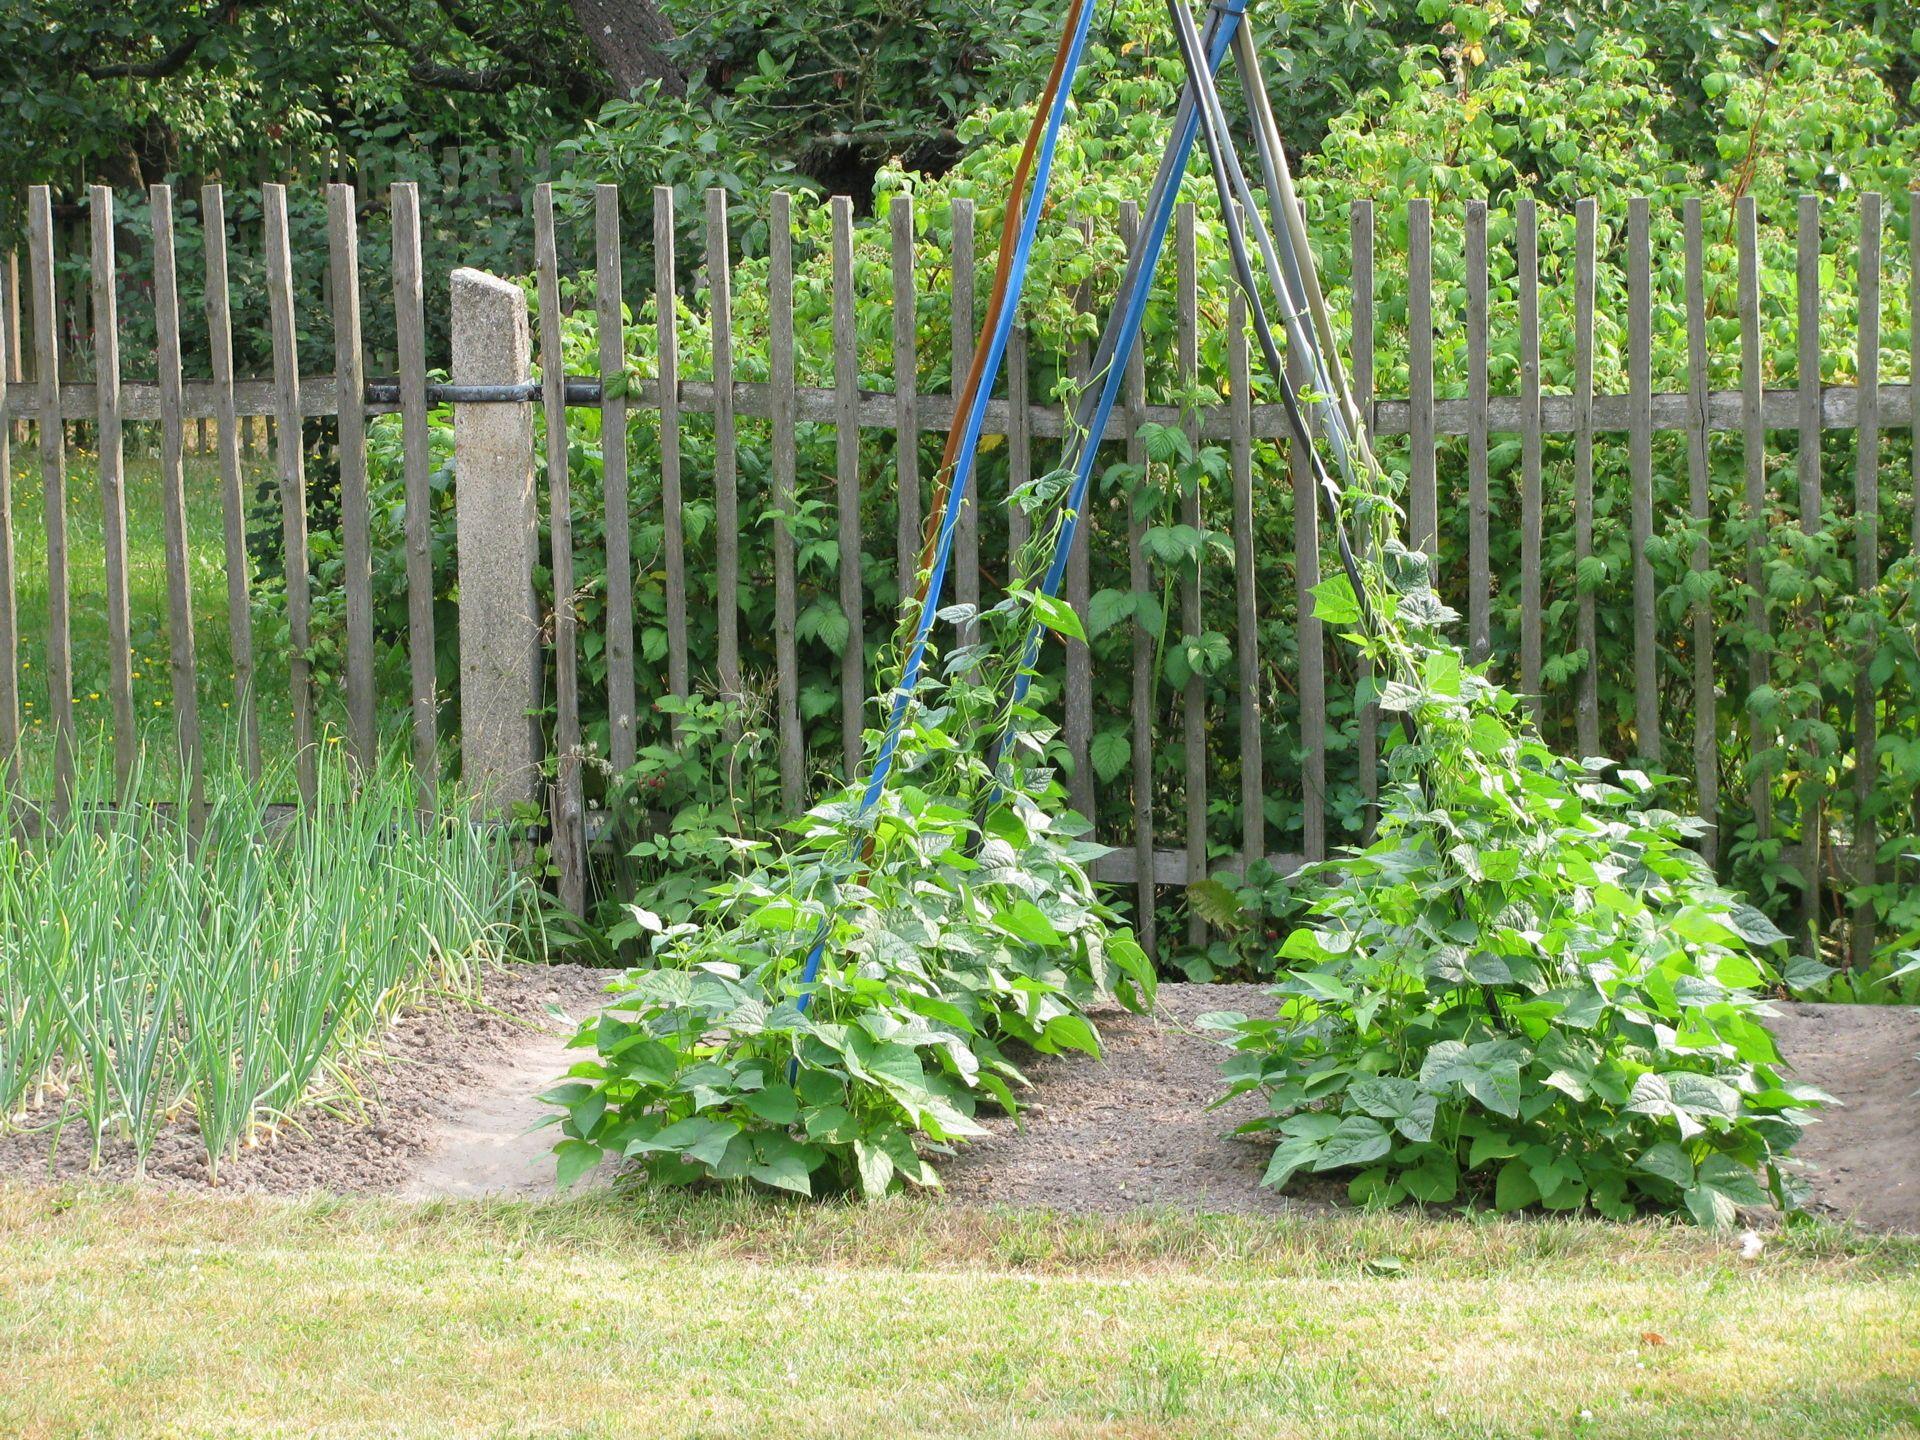 Stangenbohnen Phaseolus Vulgaris Garden Arch Plants Outdoor Structures